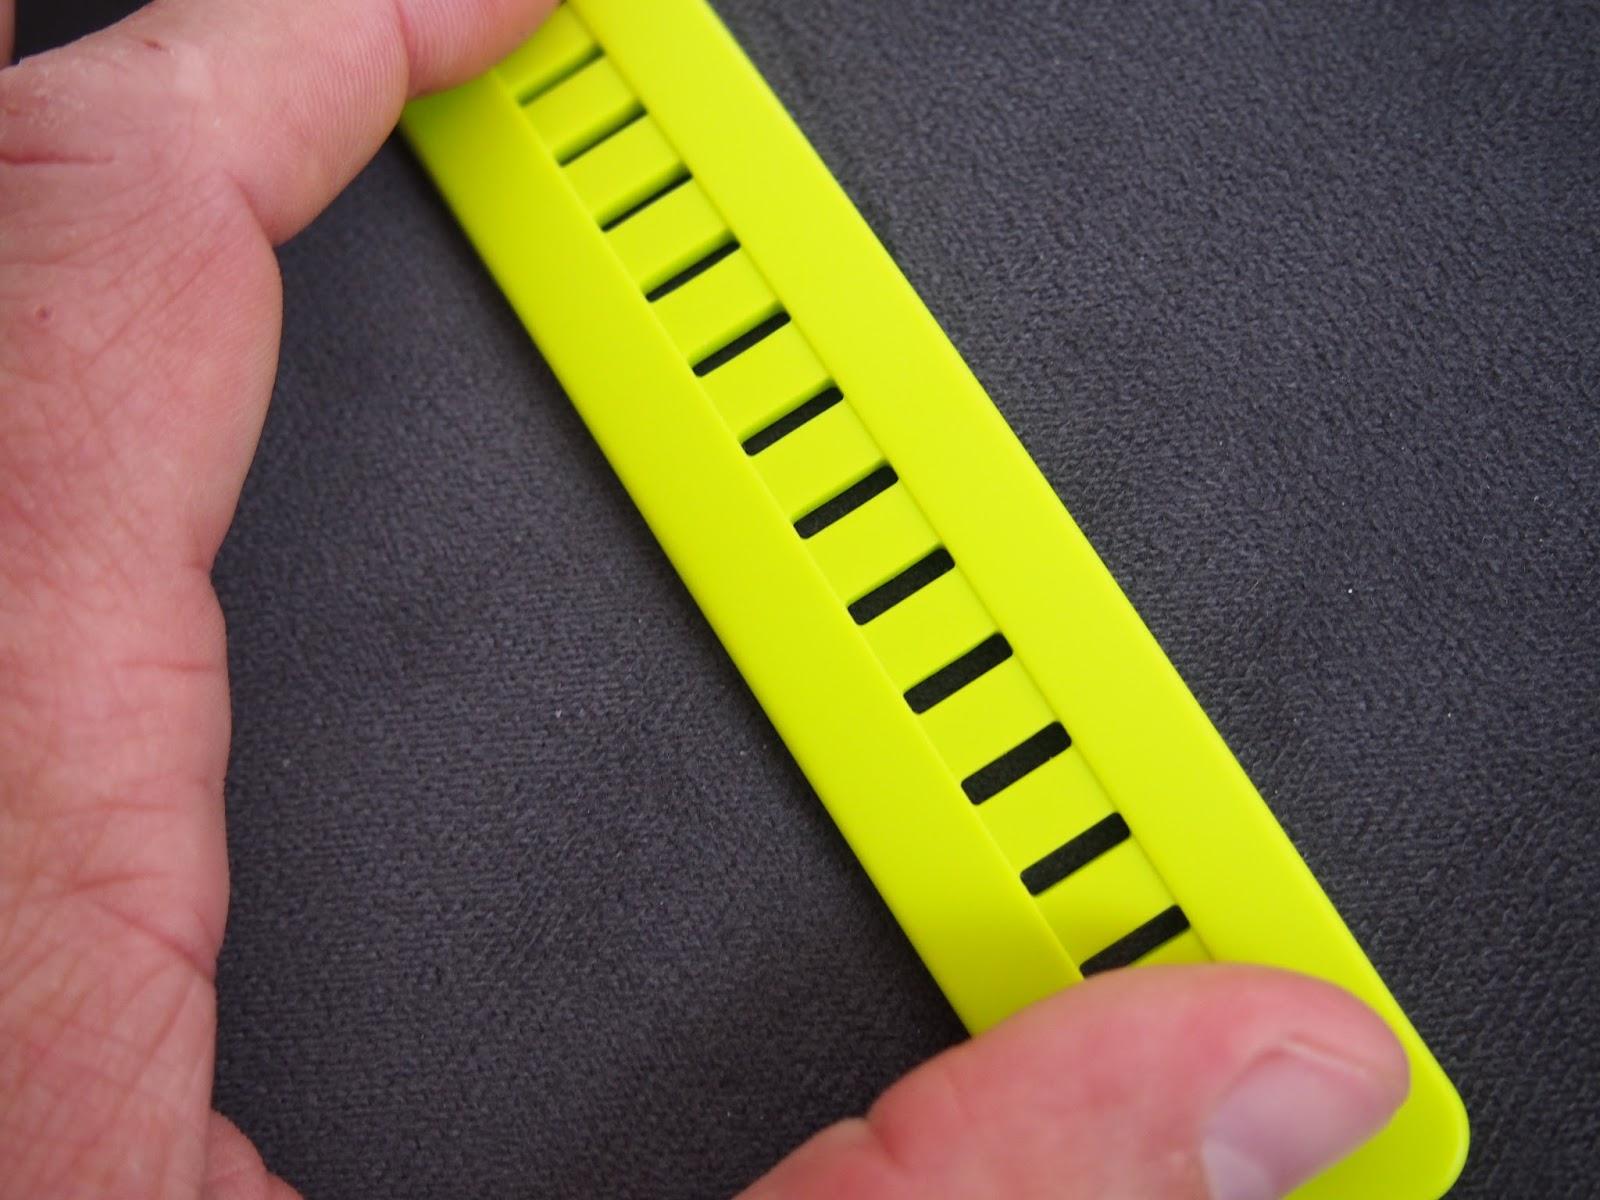 Hlavně ale hodinky perfektně sednou na zápěstí a díky měkkému silikonovému  řemínku neškrtí i při dotažení. Standardní pásek je měkký a silikonový a  tak se ... a4ec408e05